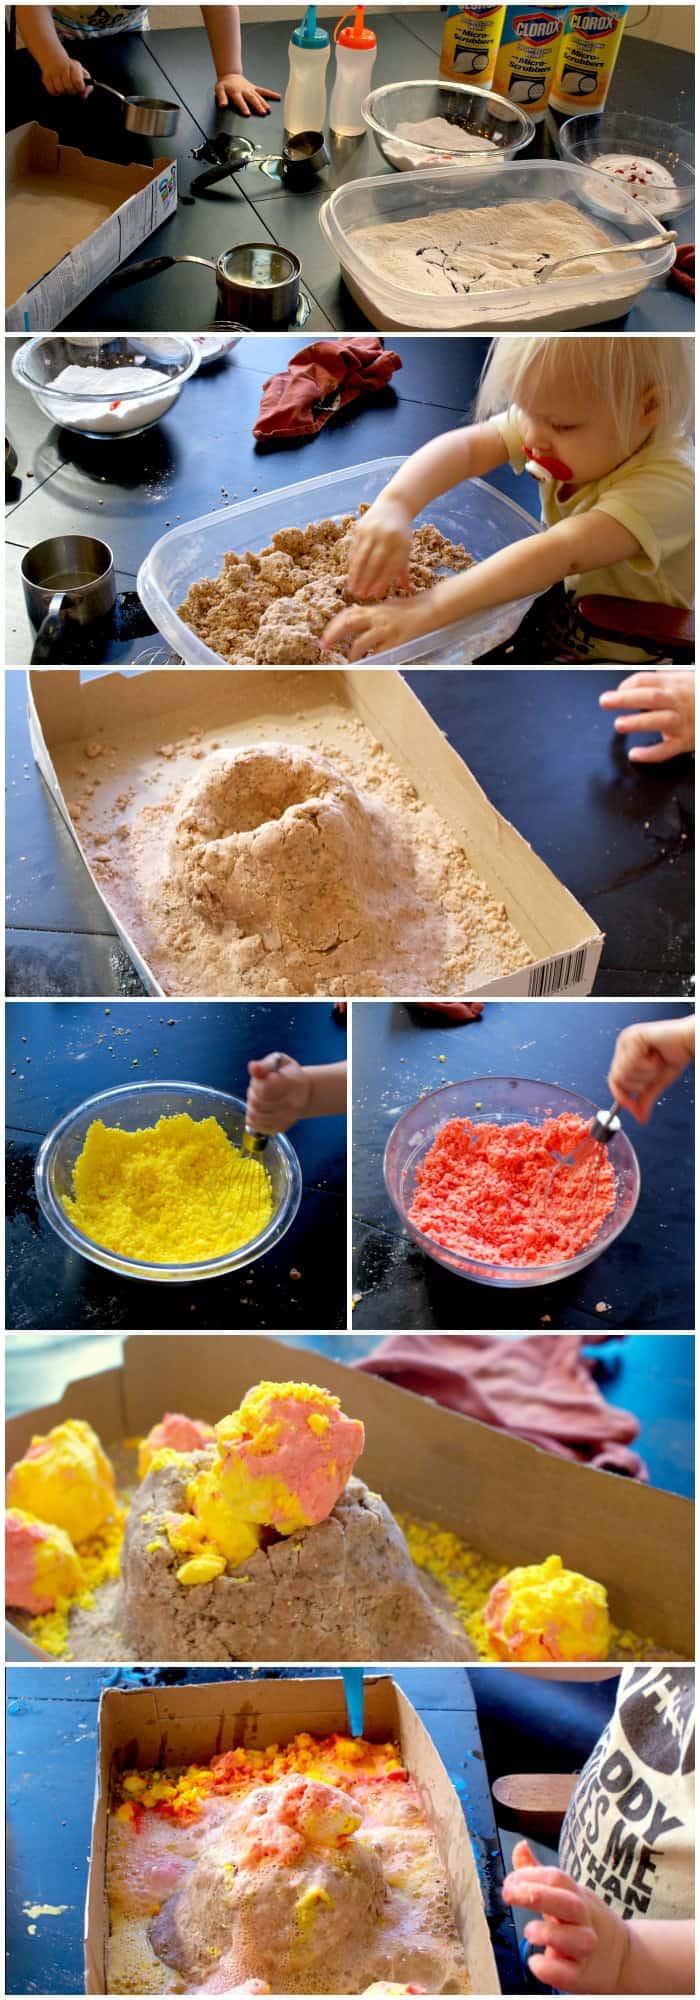 erupting volcano for kids tutorial